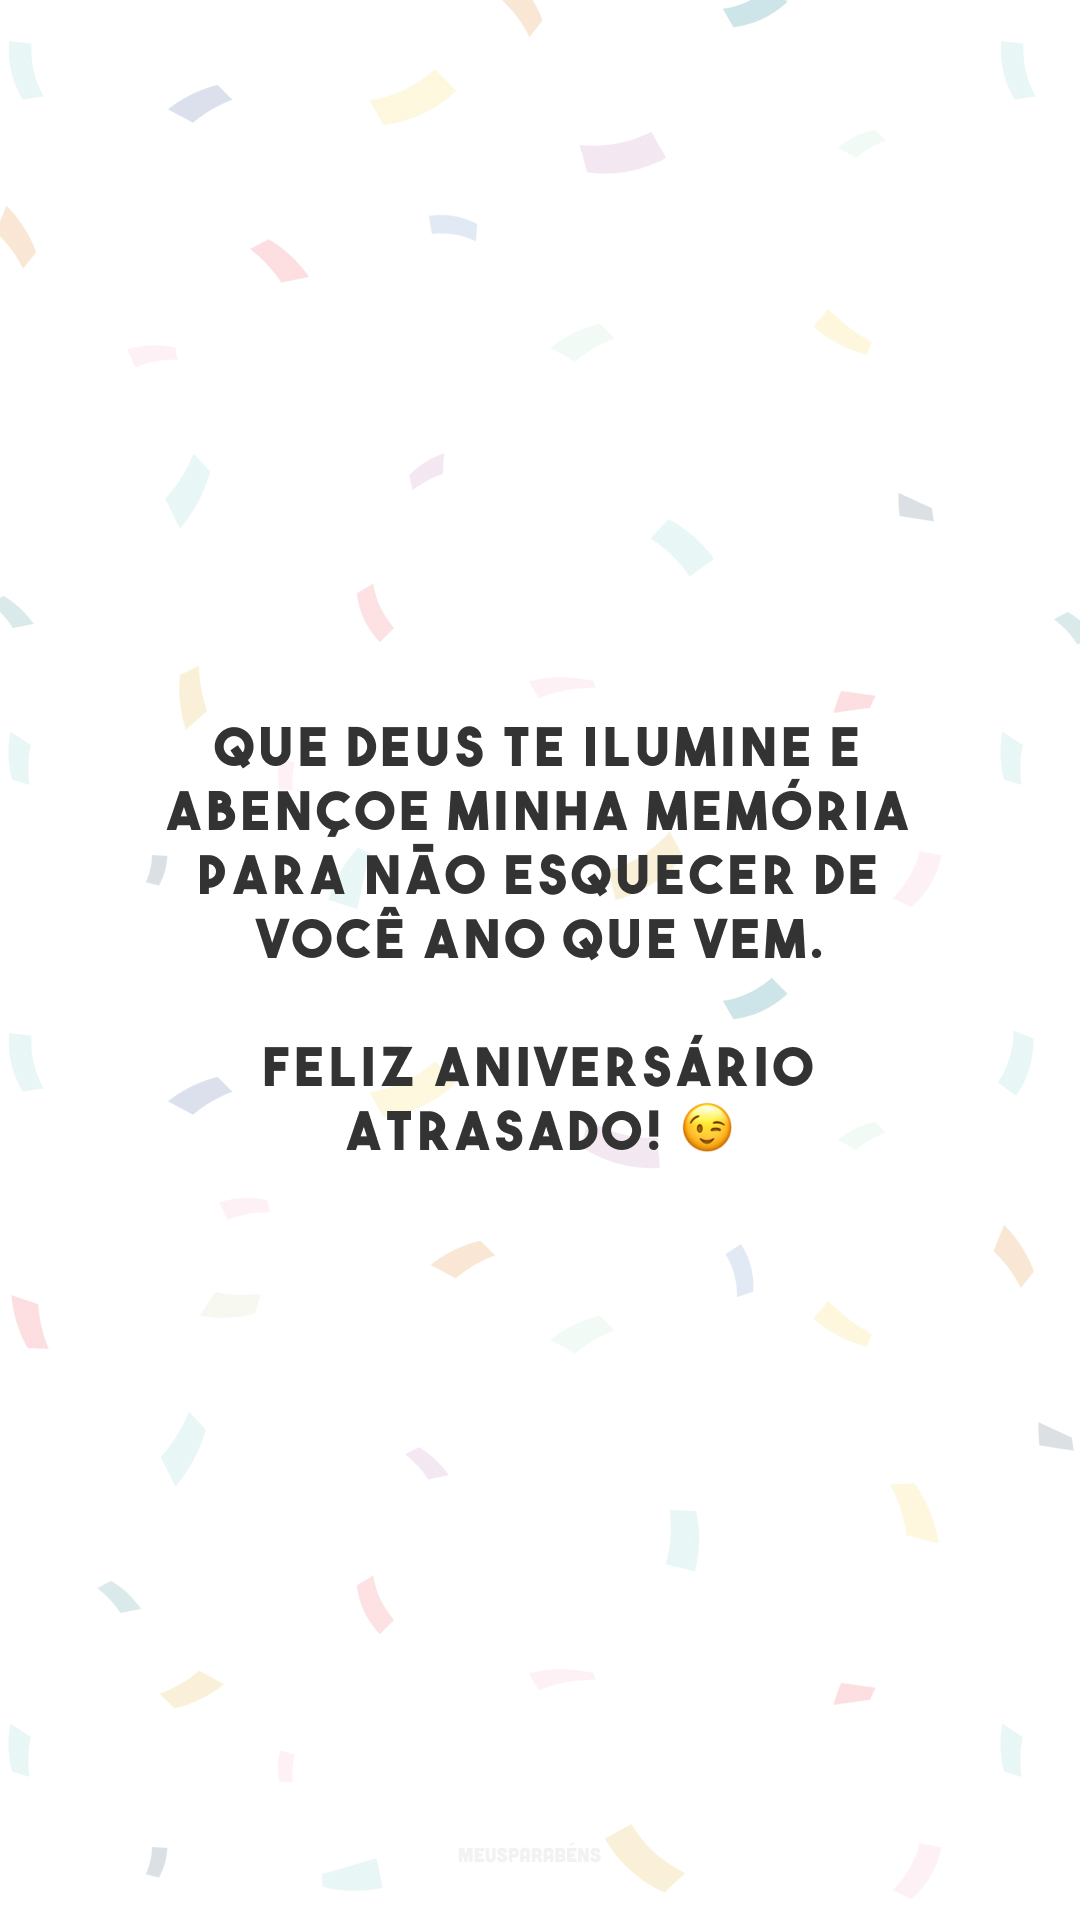 Que Deus te ilumine e abençoe minha memória para não esquecer de você ano que vem. Feliz aniversário atrasado! 😉